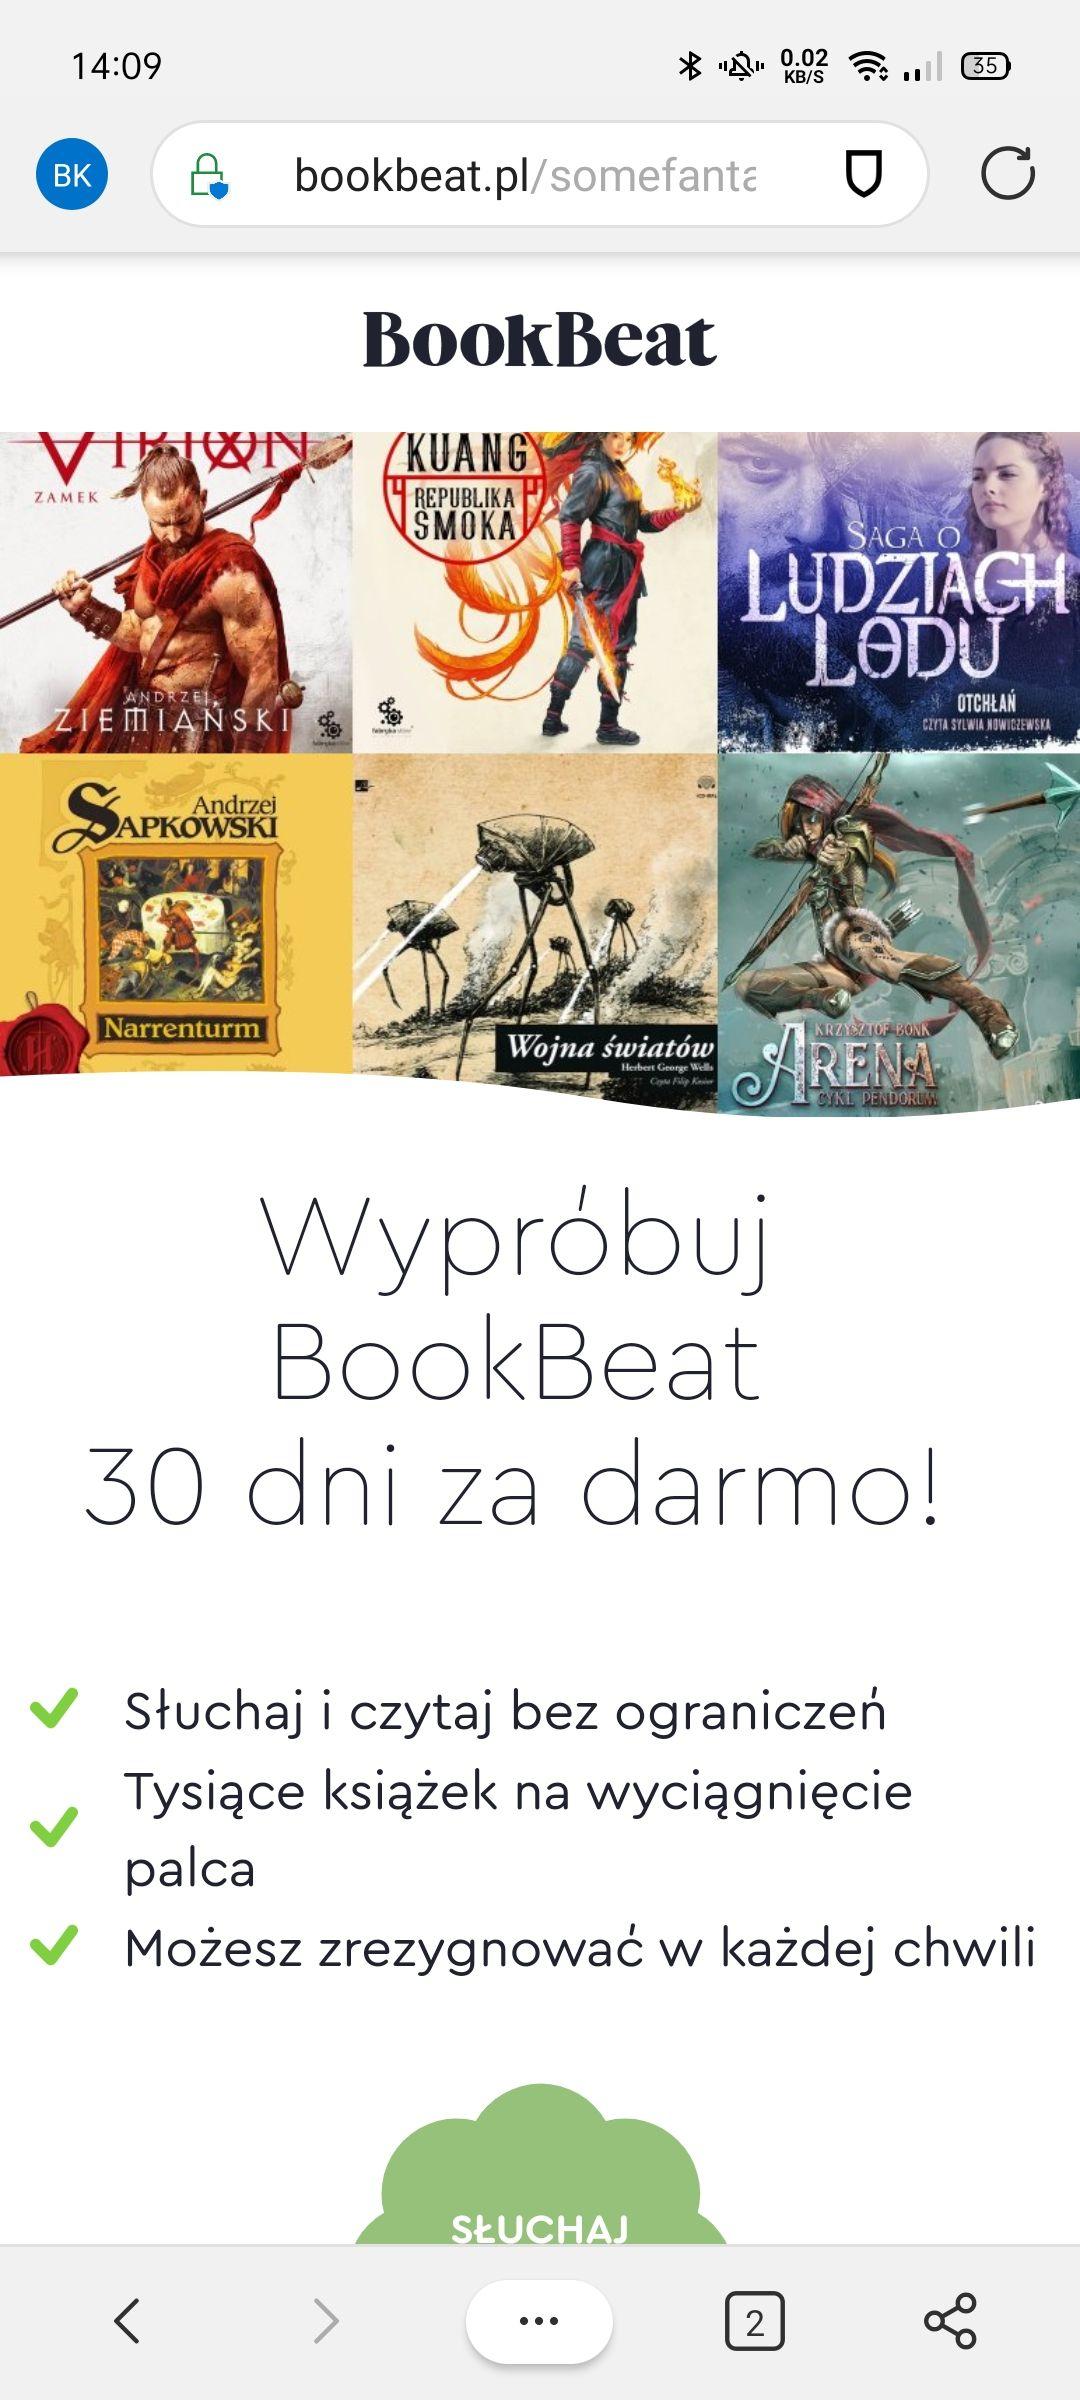 BookBeat 30 dni za darmo dla nowych